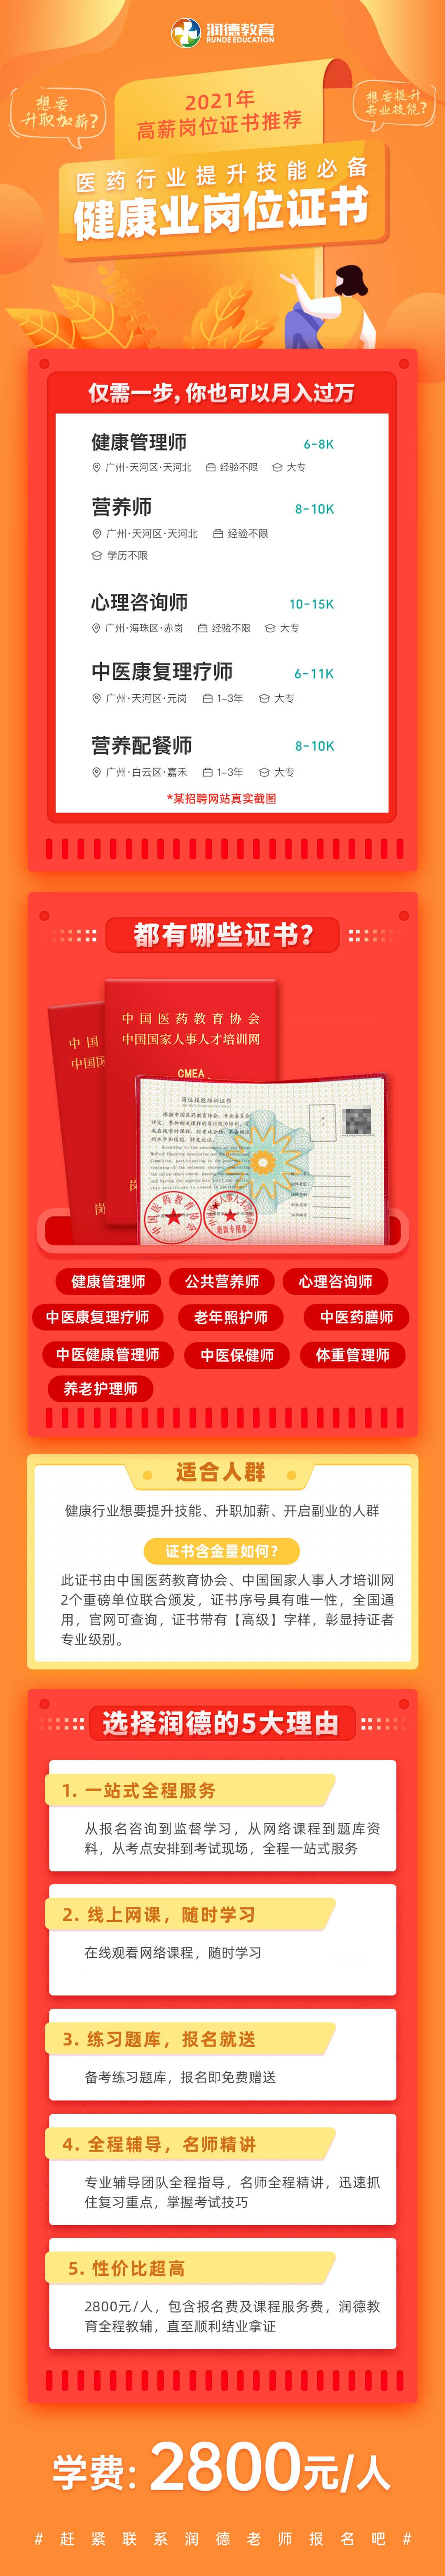 中医健康管理师培训_中医健康管理师课程